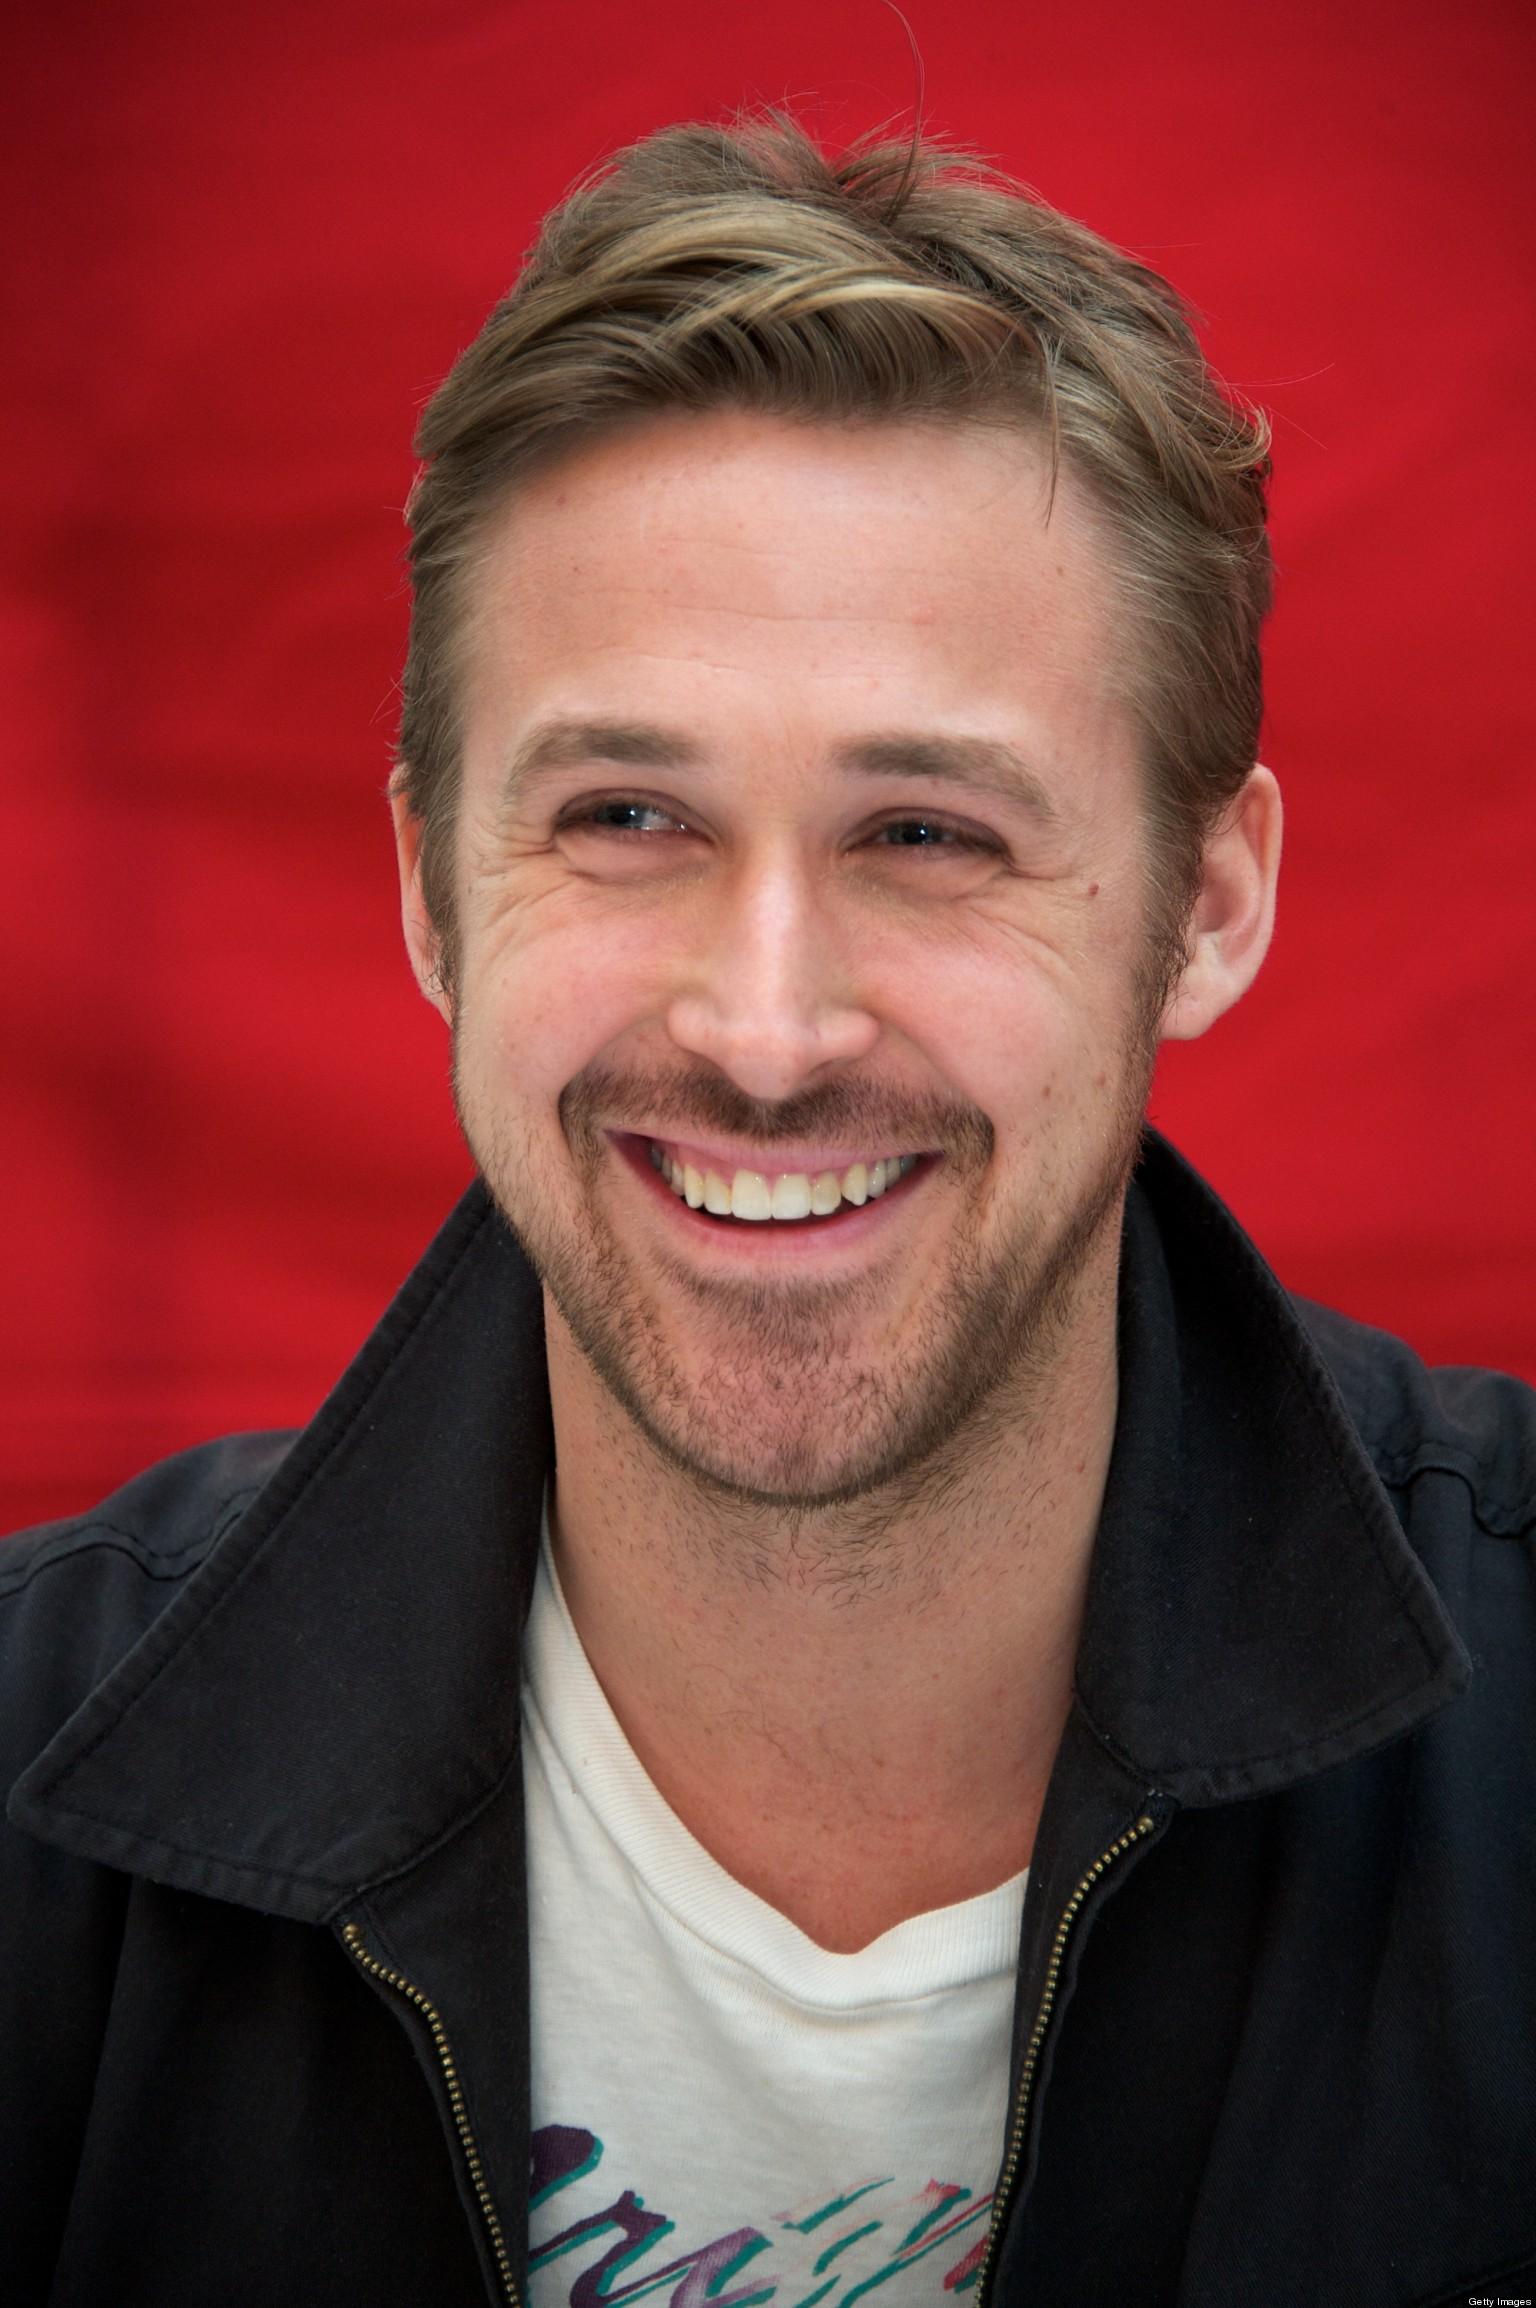 Ryan Gosling En Fils De Skywalker Et Joseph Gordon Levitt